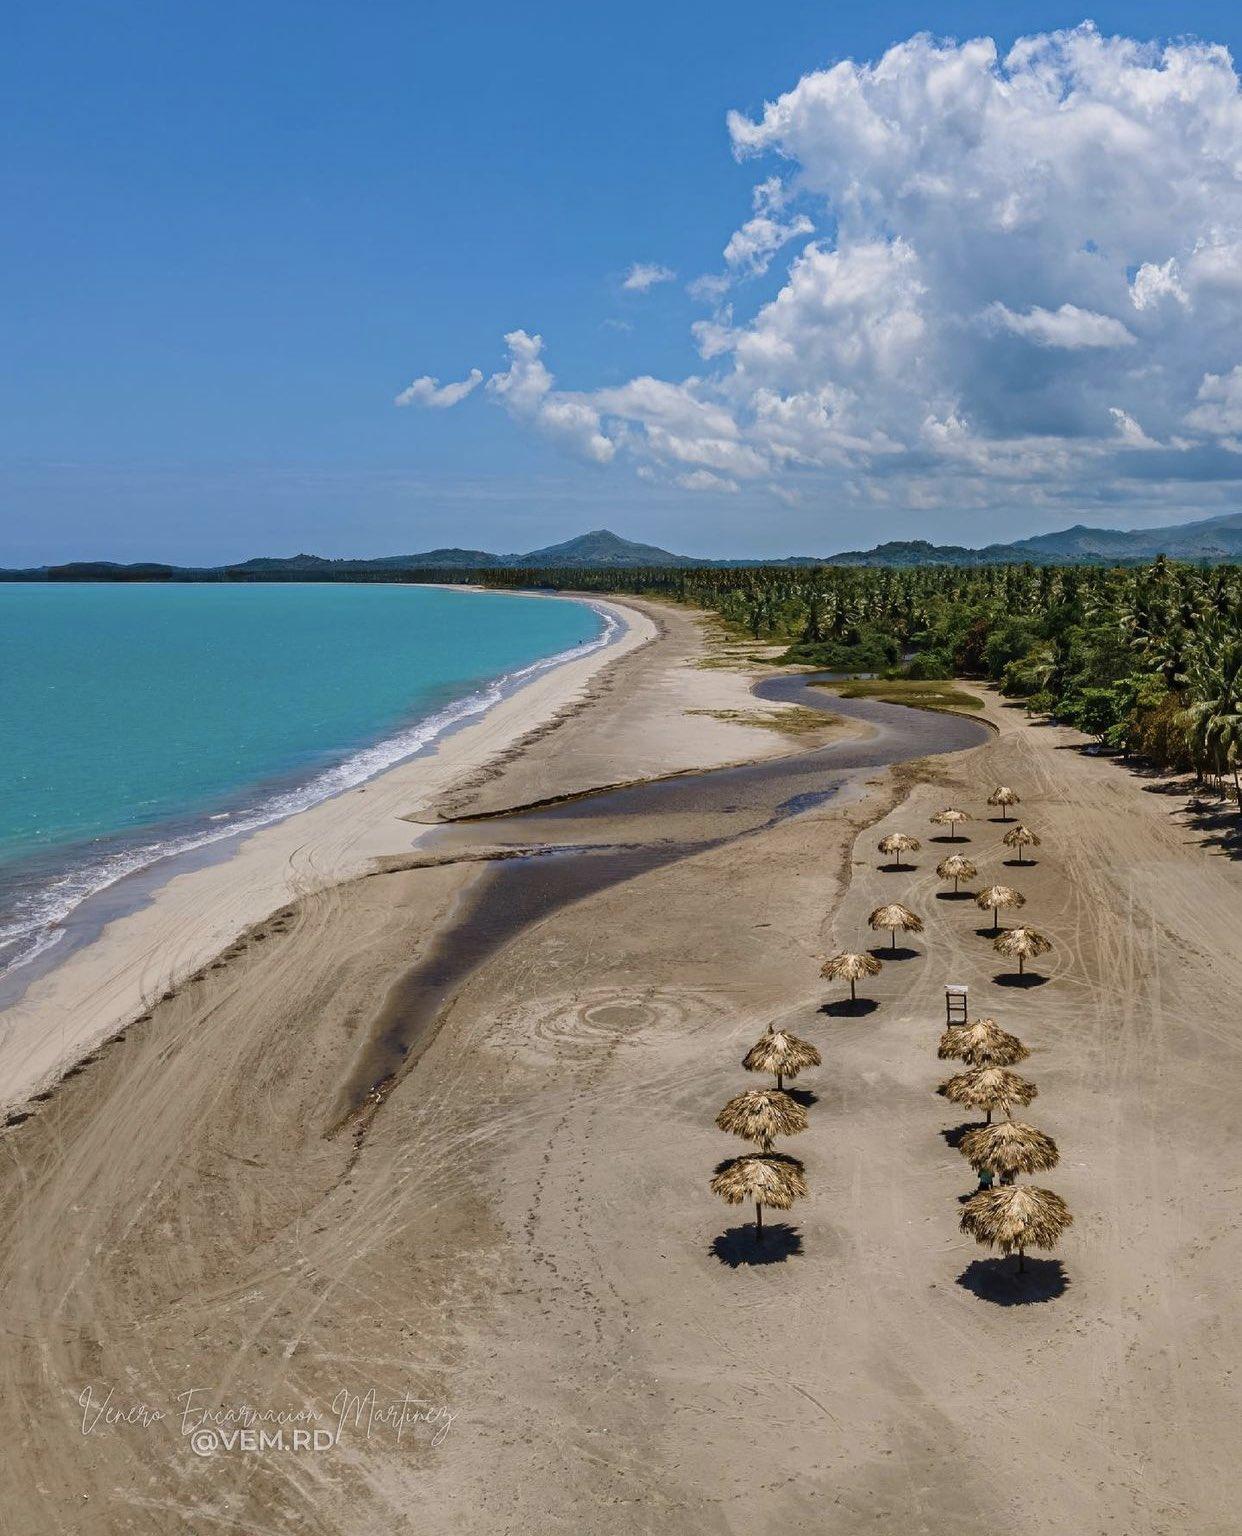 Un verdadero y precioso espectáculo de la naturaleza, Playa Arriba, Miches-Provincia del Seibo, República Dominicana